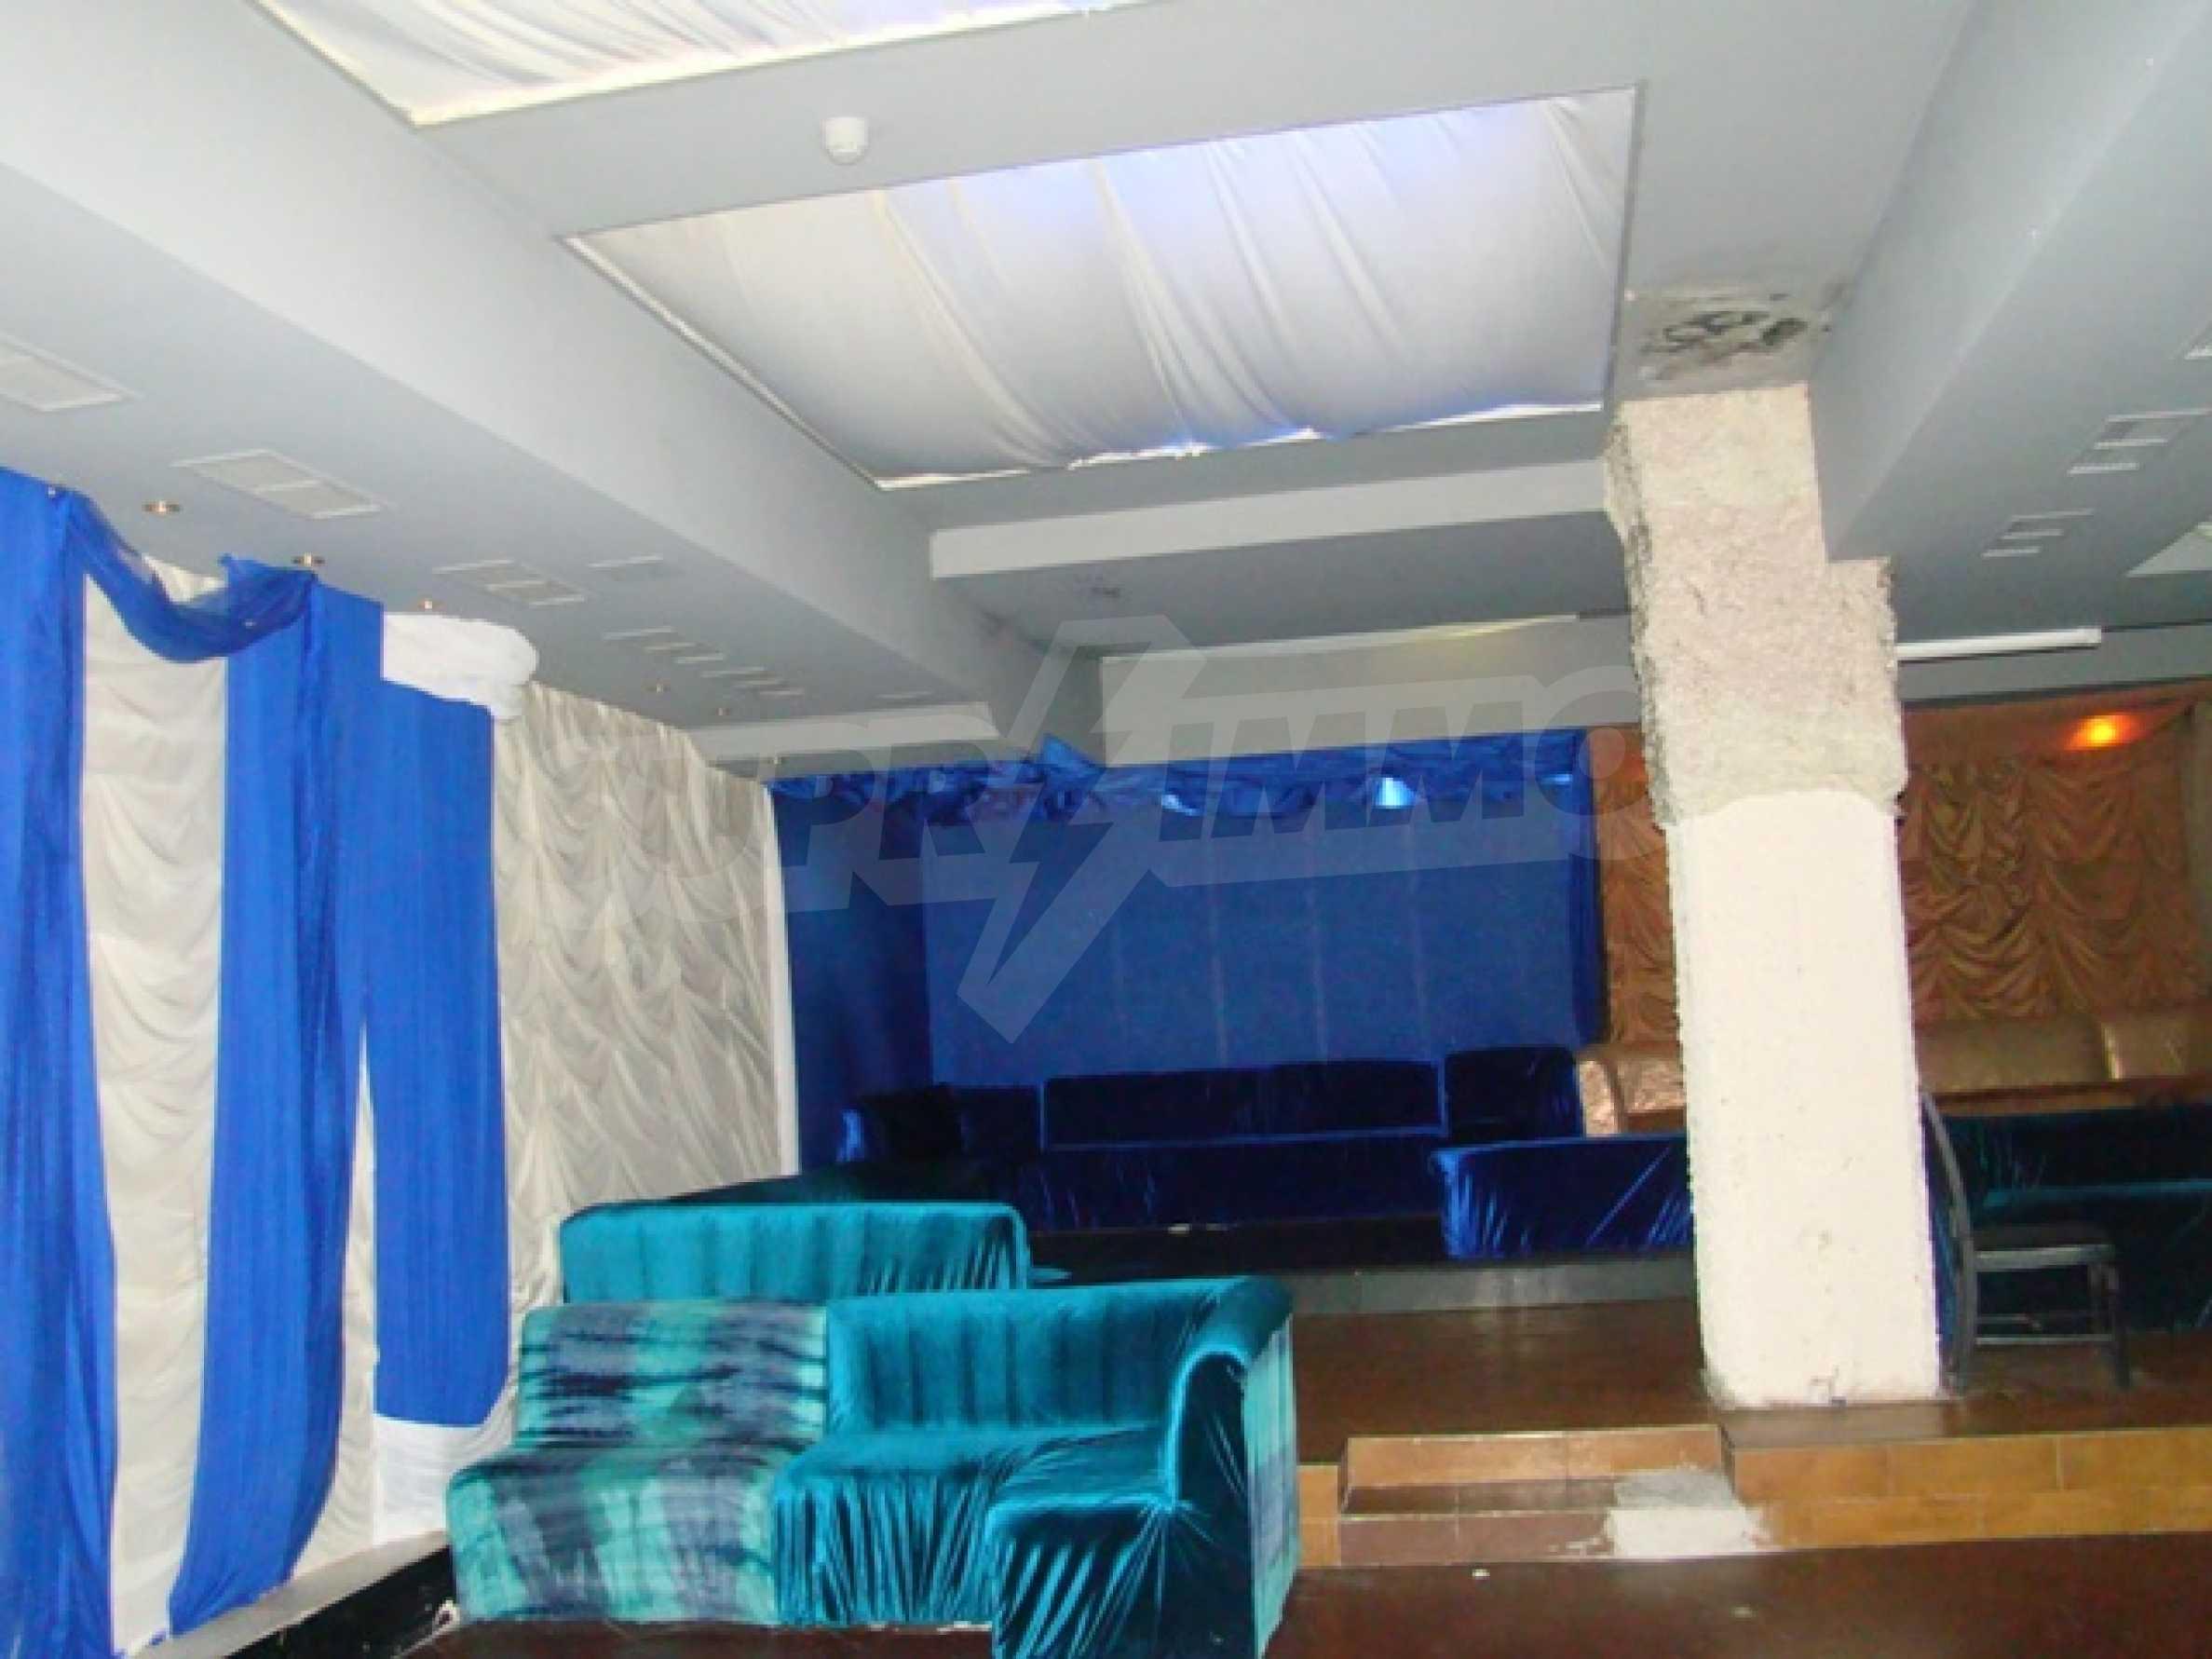 Обустроенный ночной клуб в центре Софии 16